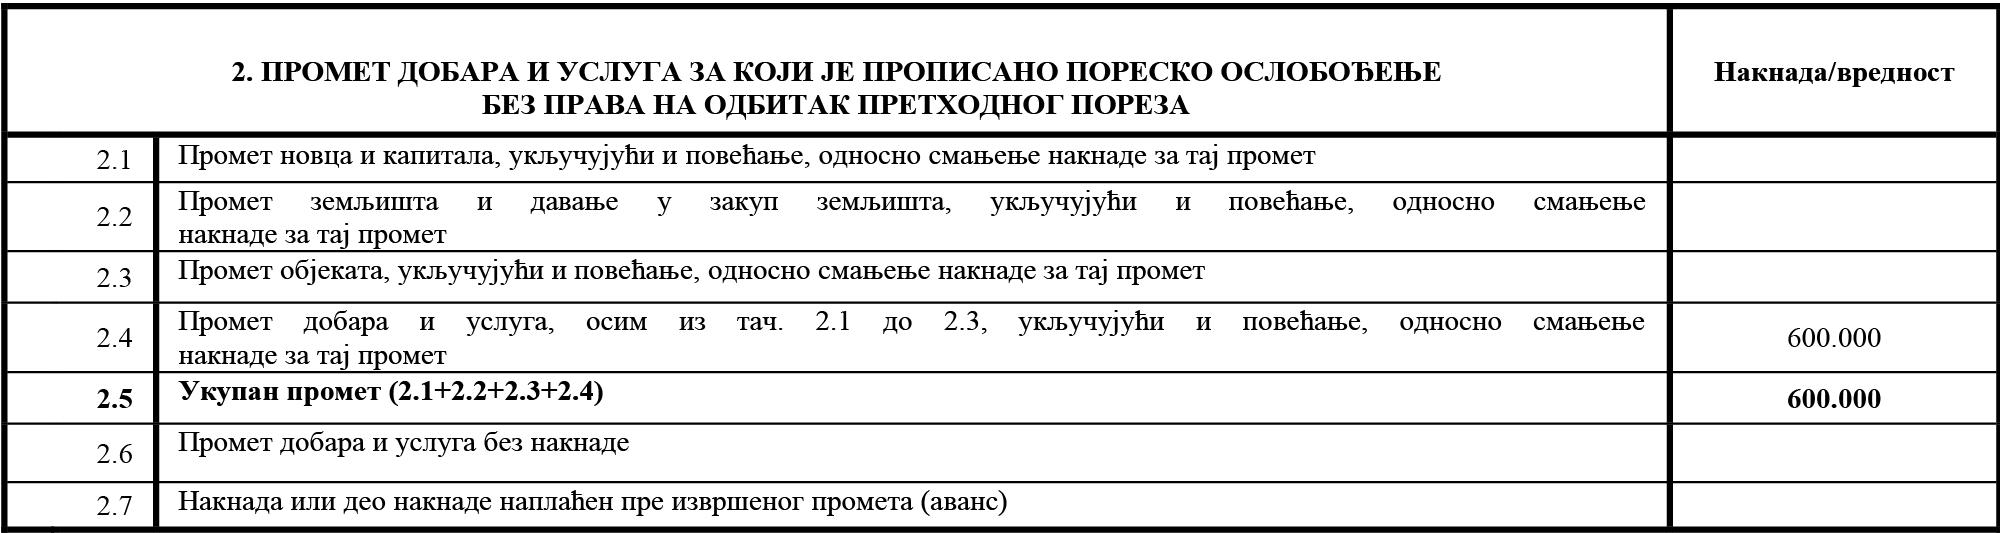 uputstvo PU obrazac POPDV primer 38